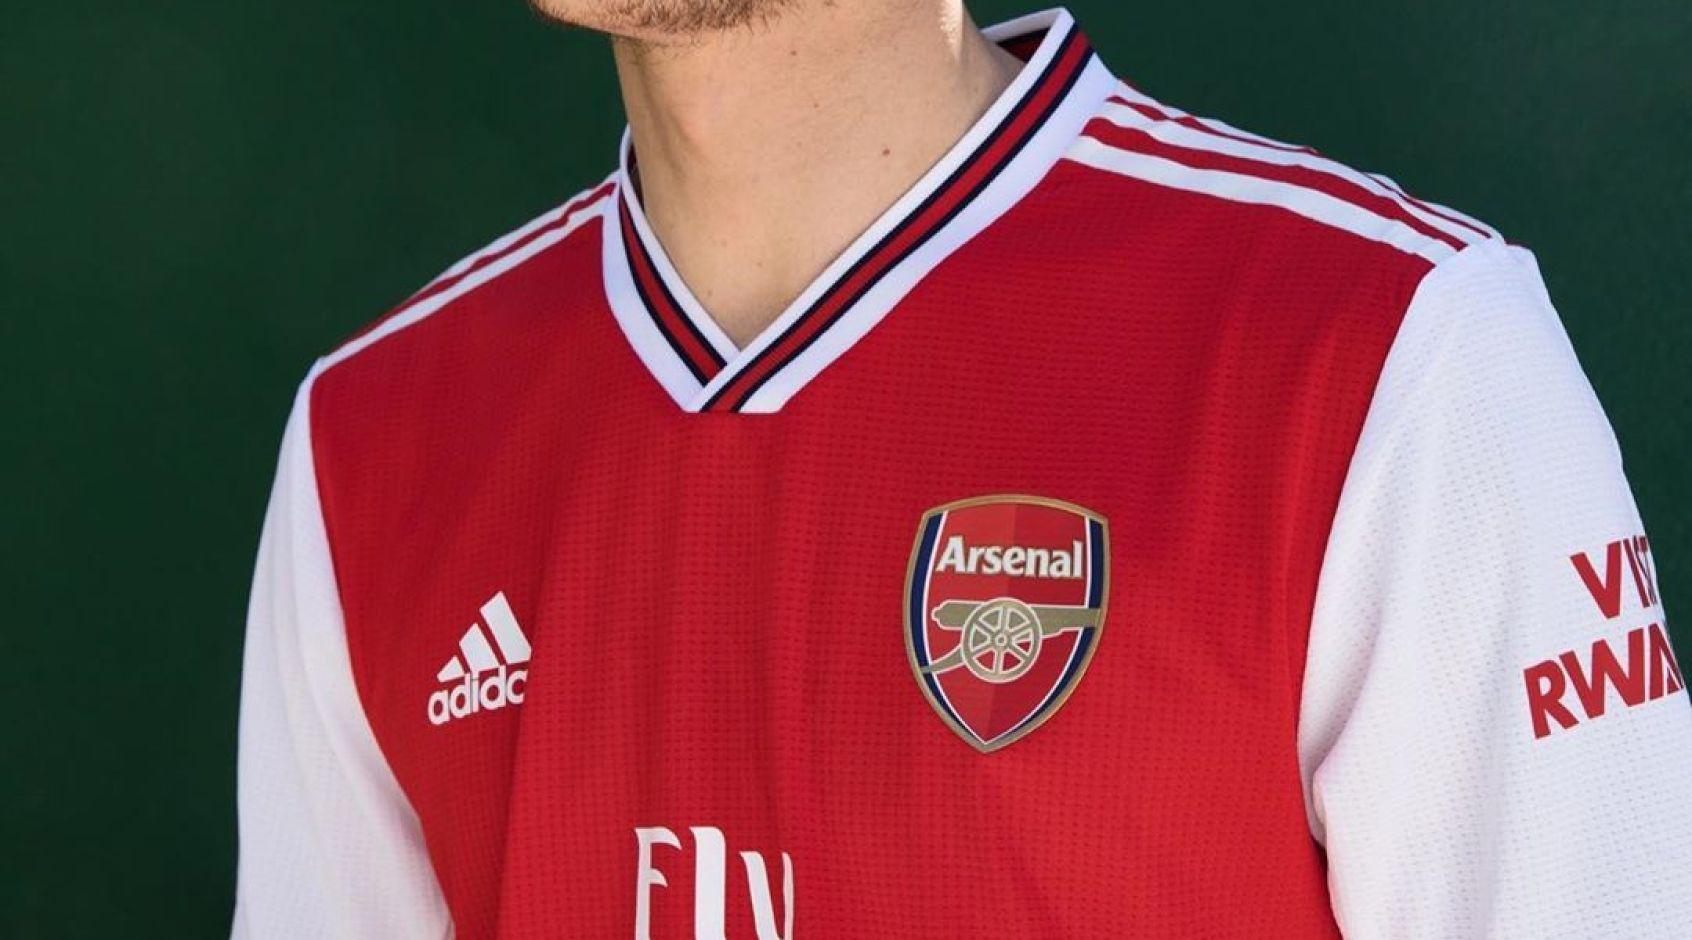 """Испанский гранд хочет заполучить перспективного таланта из """"Арсенала"""""""